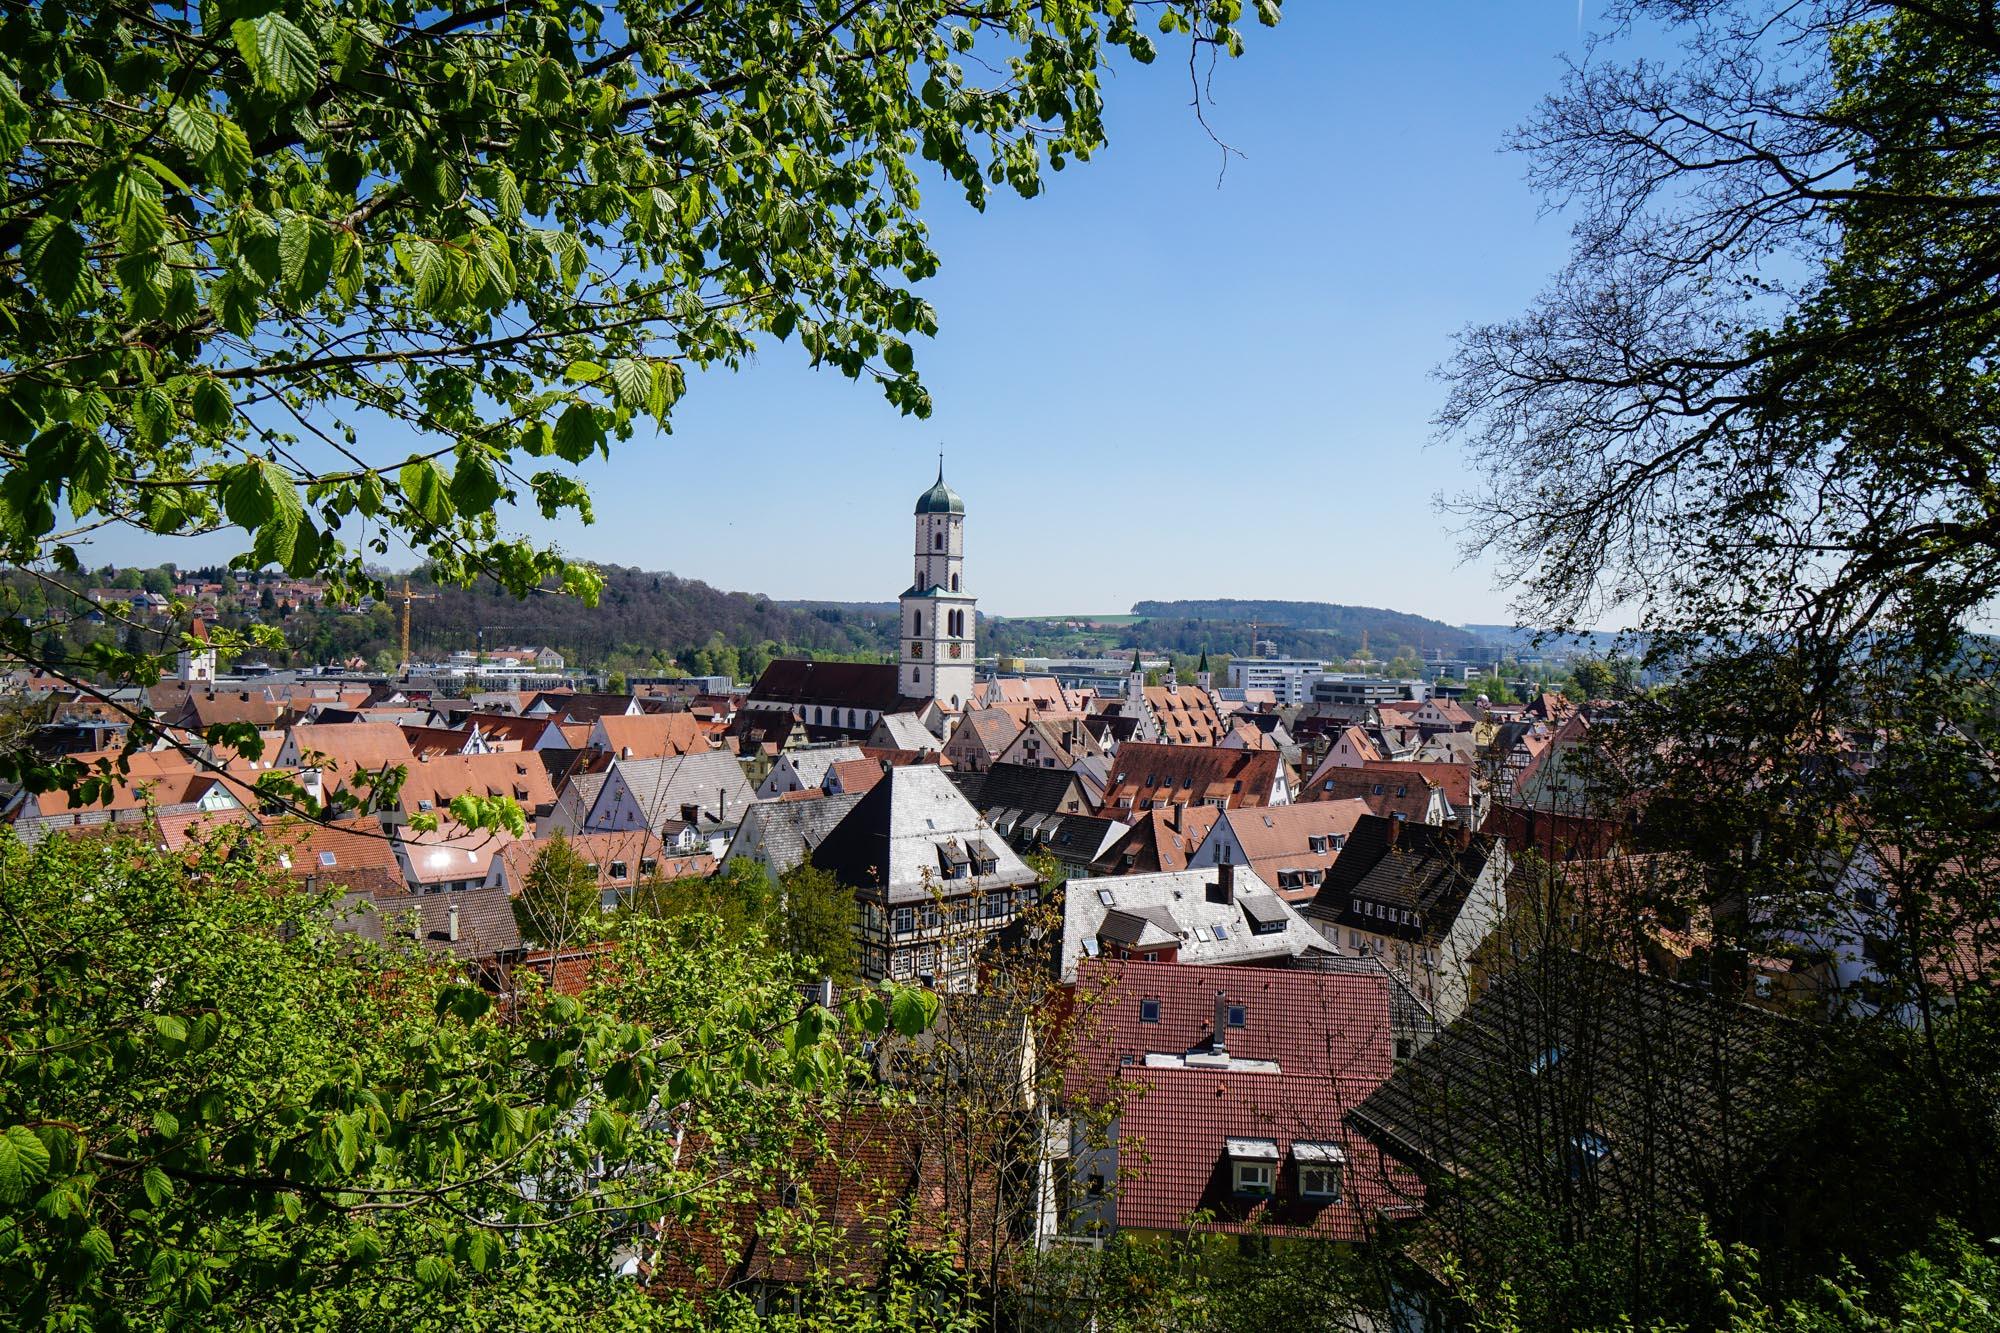 Unsere Heimat - Biberach an der Riß. Weitere Informationen unter www.wiraufreise.de